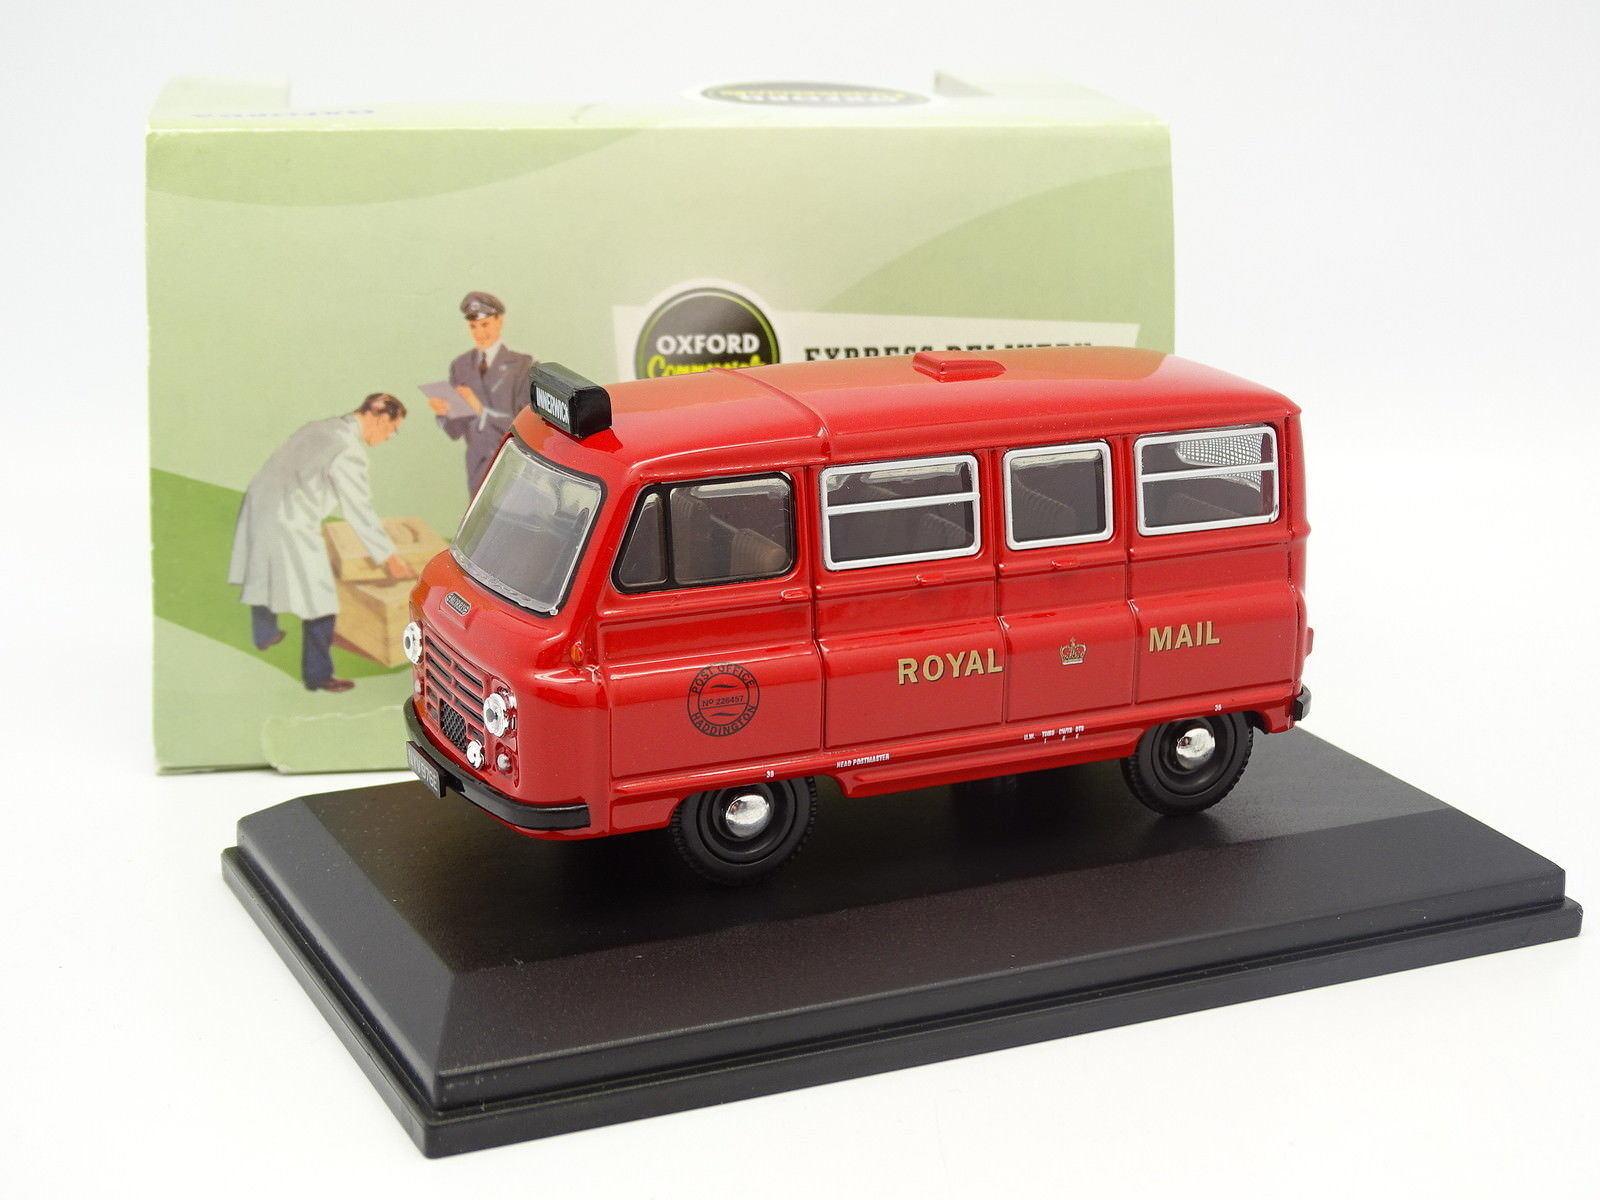 gran venta Oxford 1 43 - Morris J2 Van Royal Royal Royal Mail  descuento online